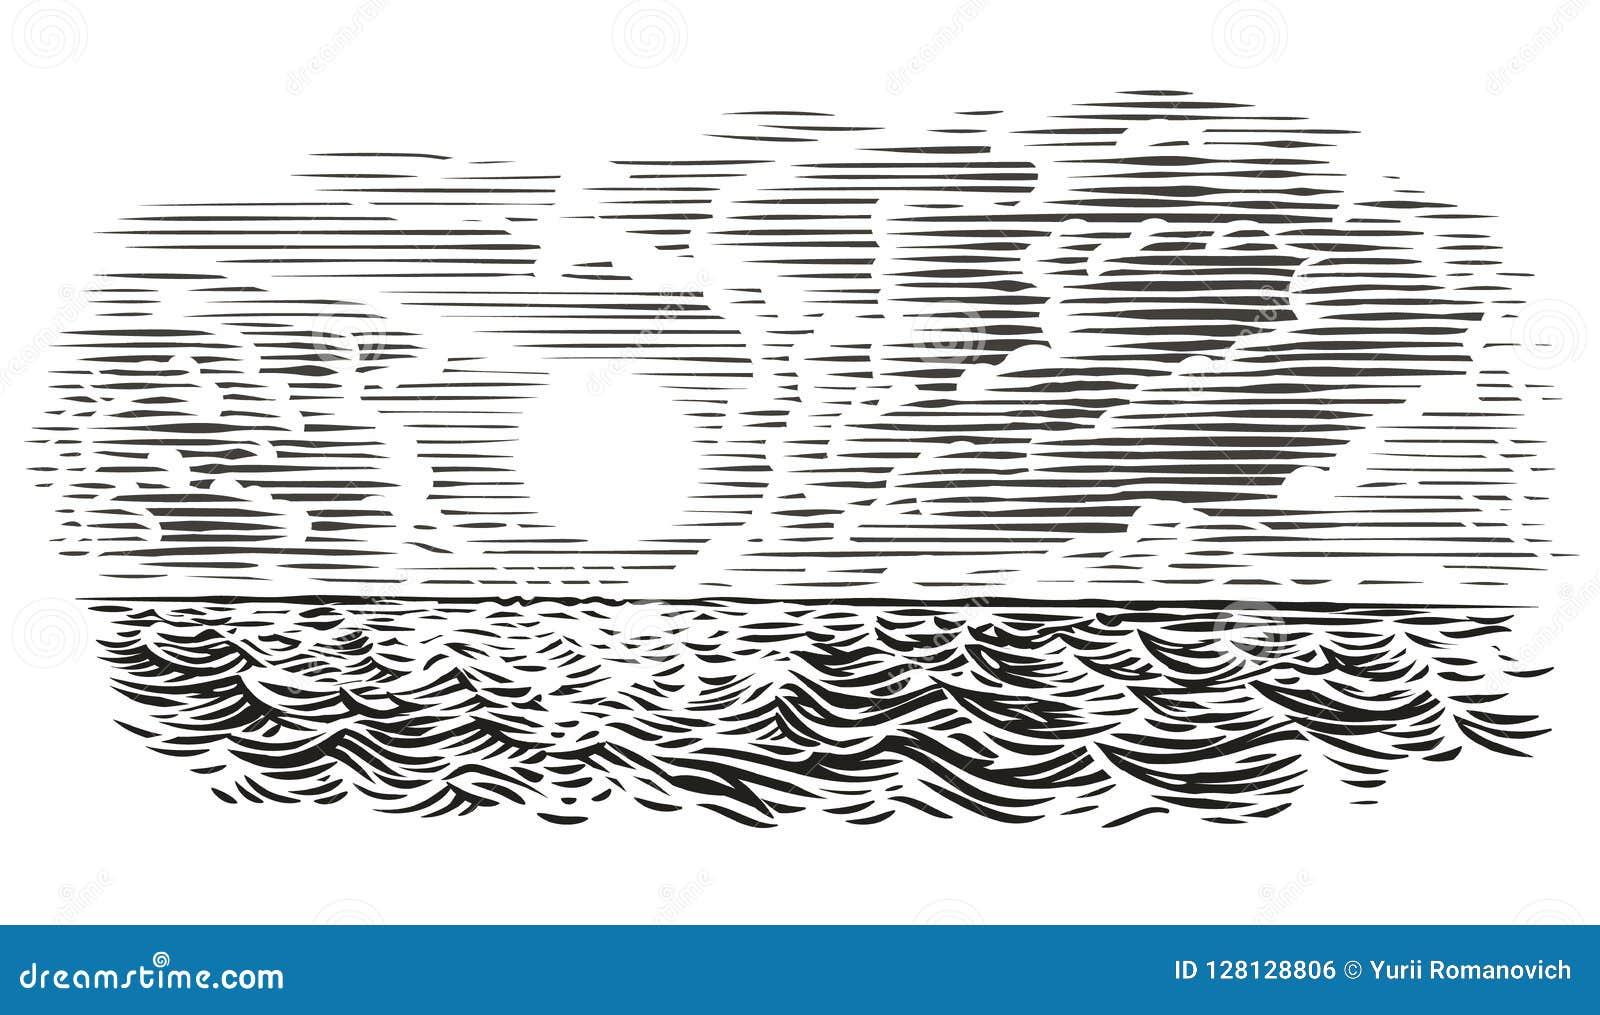 Иллюстрация стиля гравировки вида на море Наслоенный вектор, изолированный,